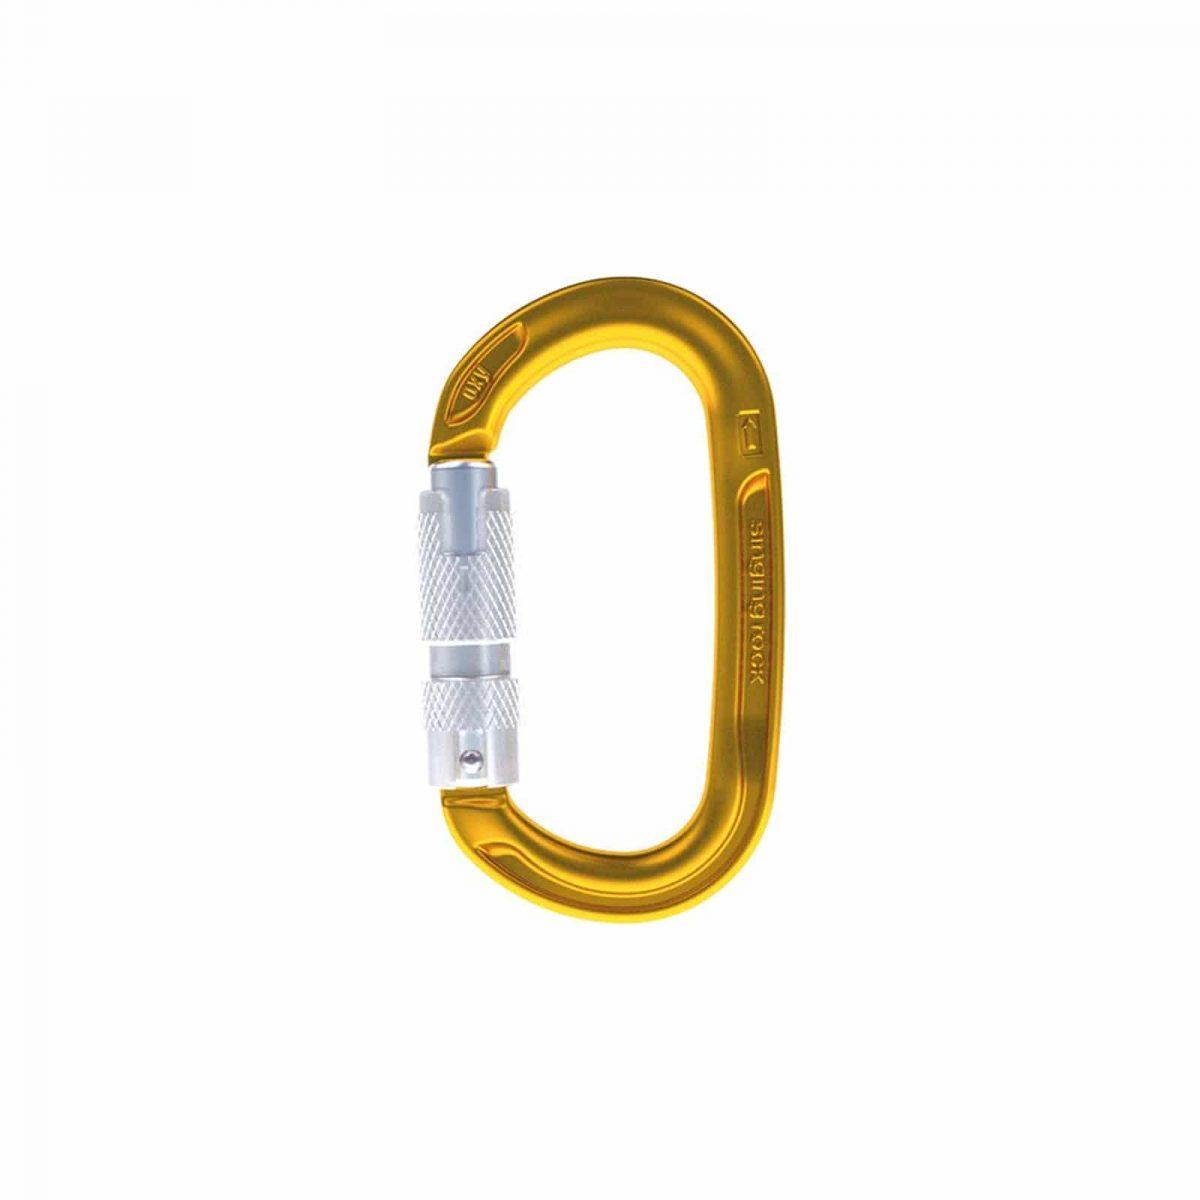 OXY Triple-lock